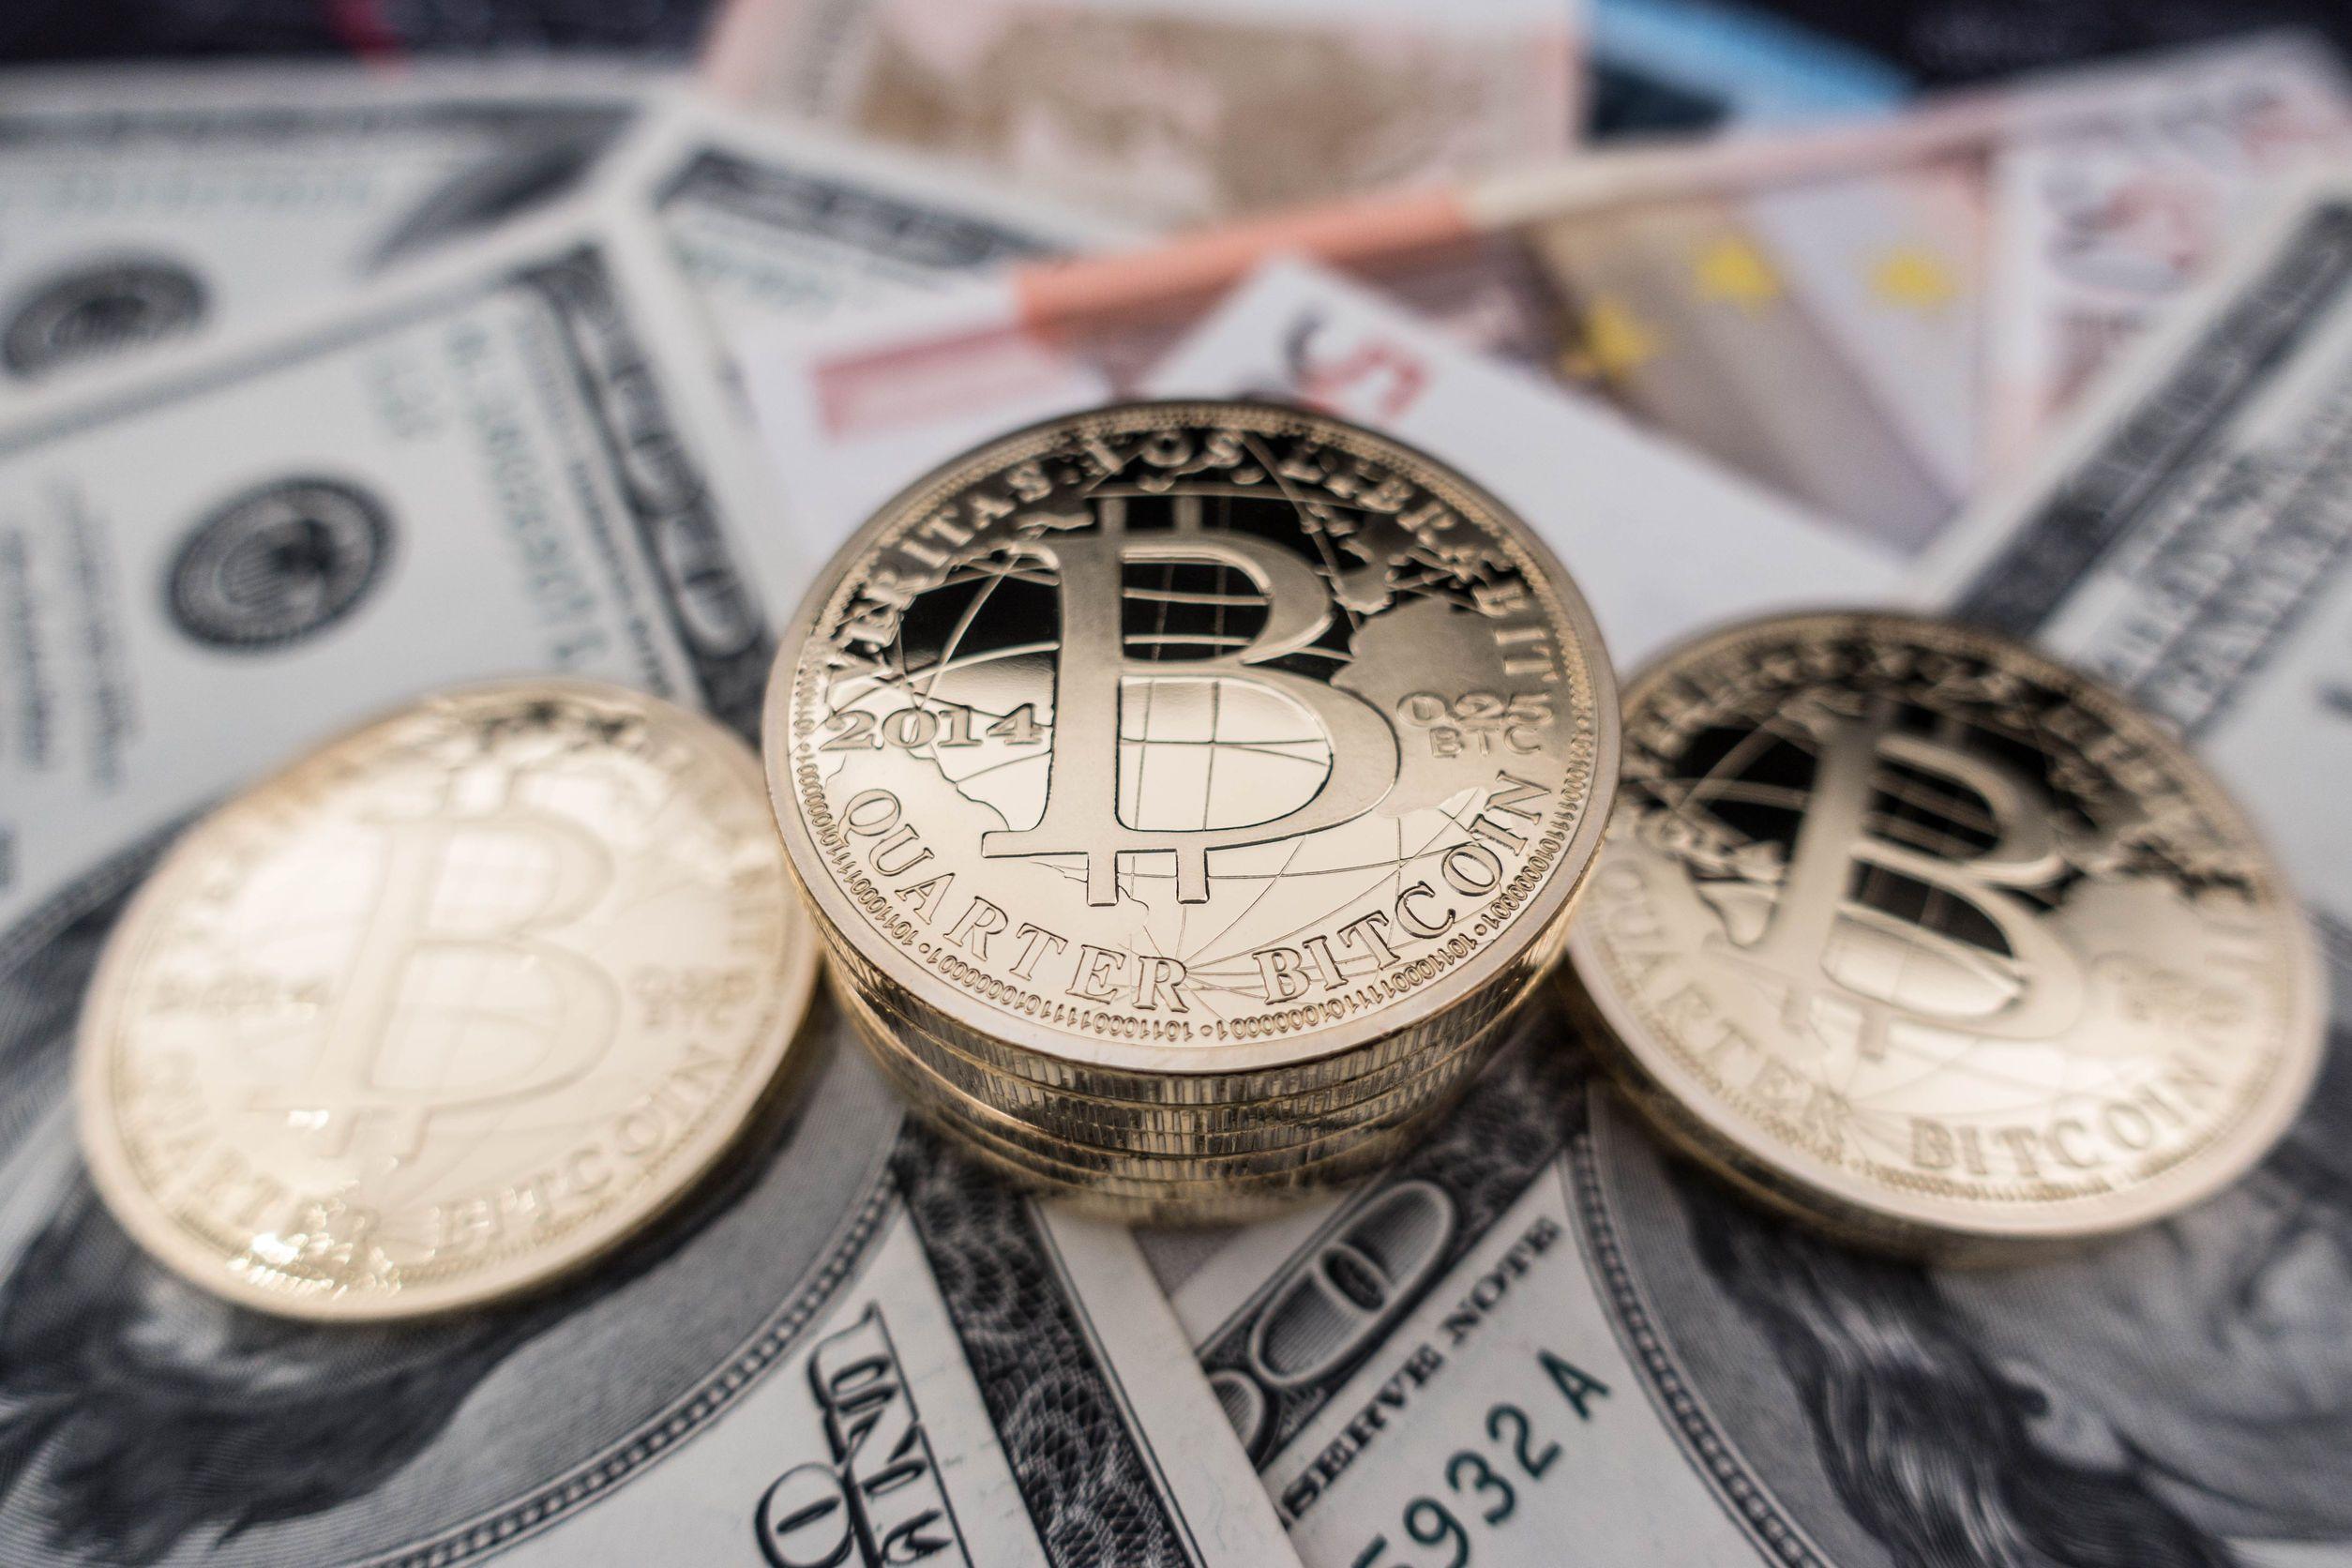 cum să investești în bitcoin prin intermediul